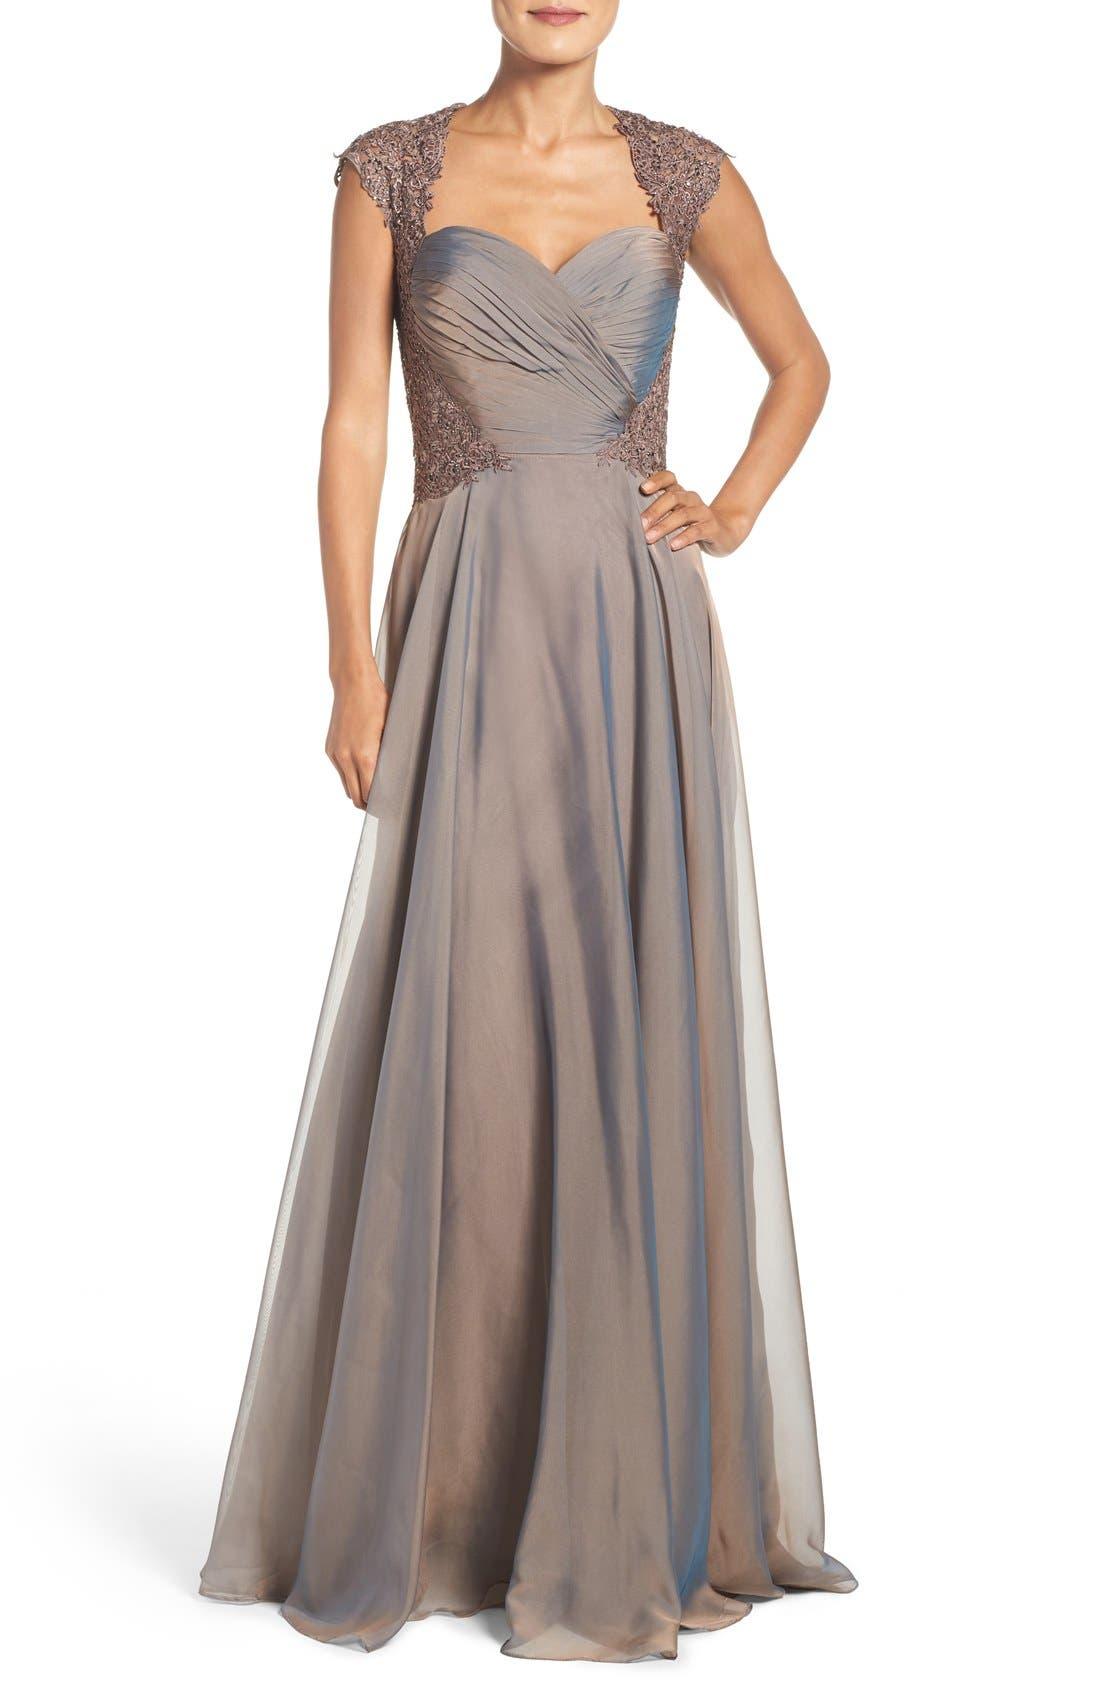 La Femme Mother-of-the-Bride Dresses | Nordstrom